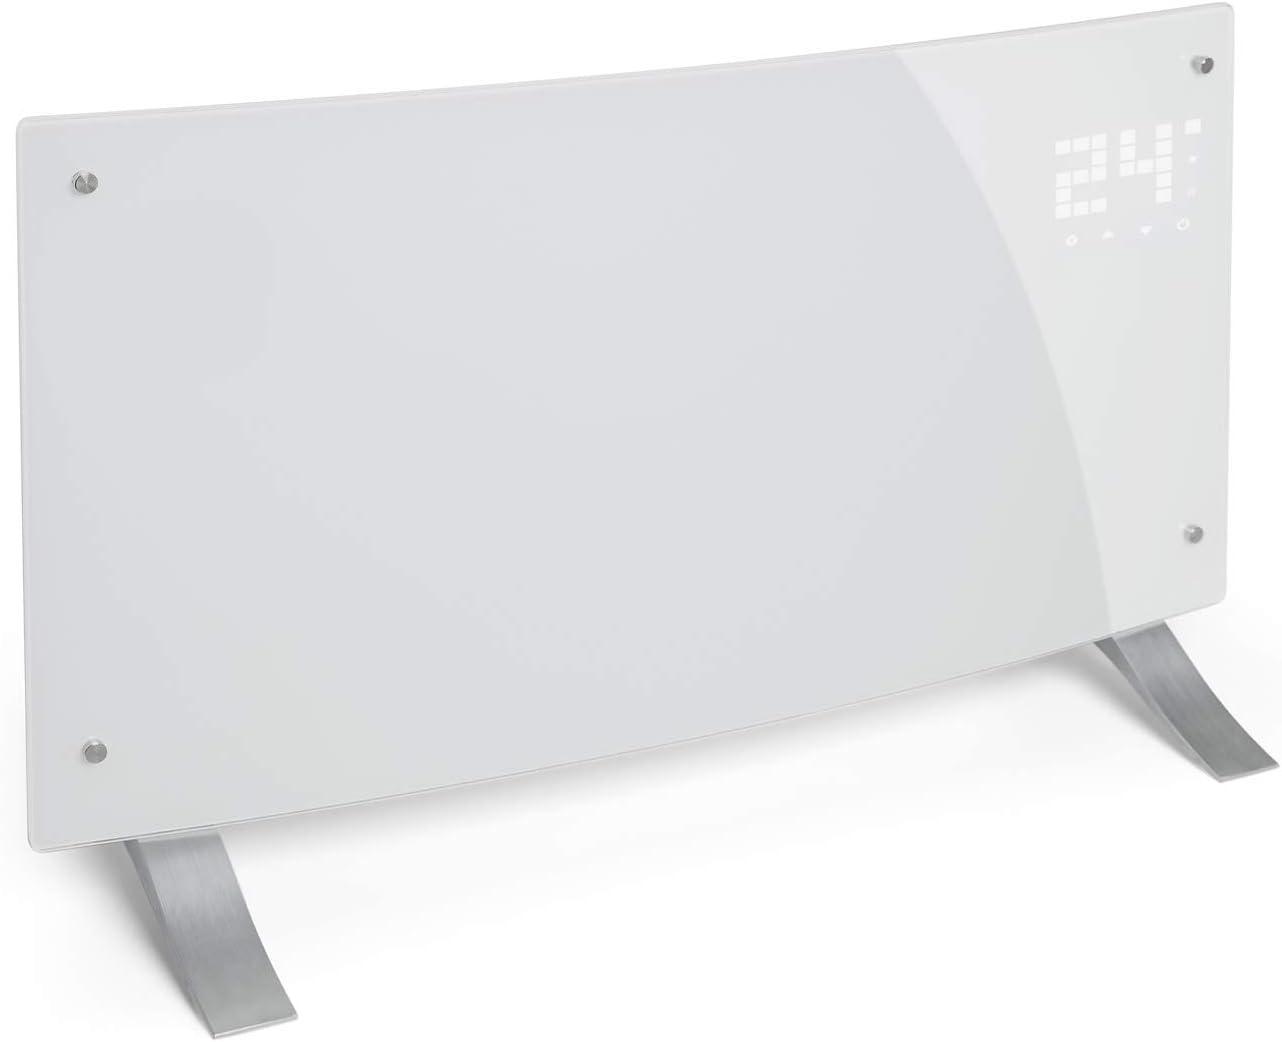 Klarstein Bornholm Curved White Edition - Calefactor convector eléctrico, Radiador de 1000/ 2000W, Bloqueo de seguridad infantil, Protección sobrecalentamiento y antisalpicaduras, Modo ECO, Blanco